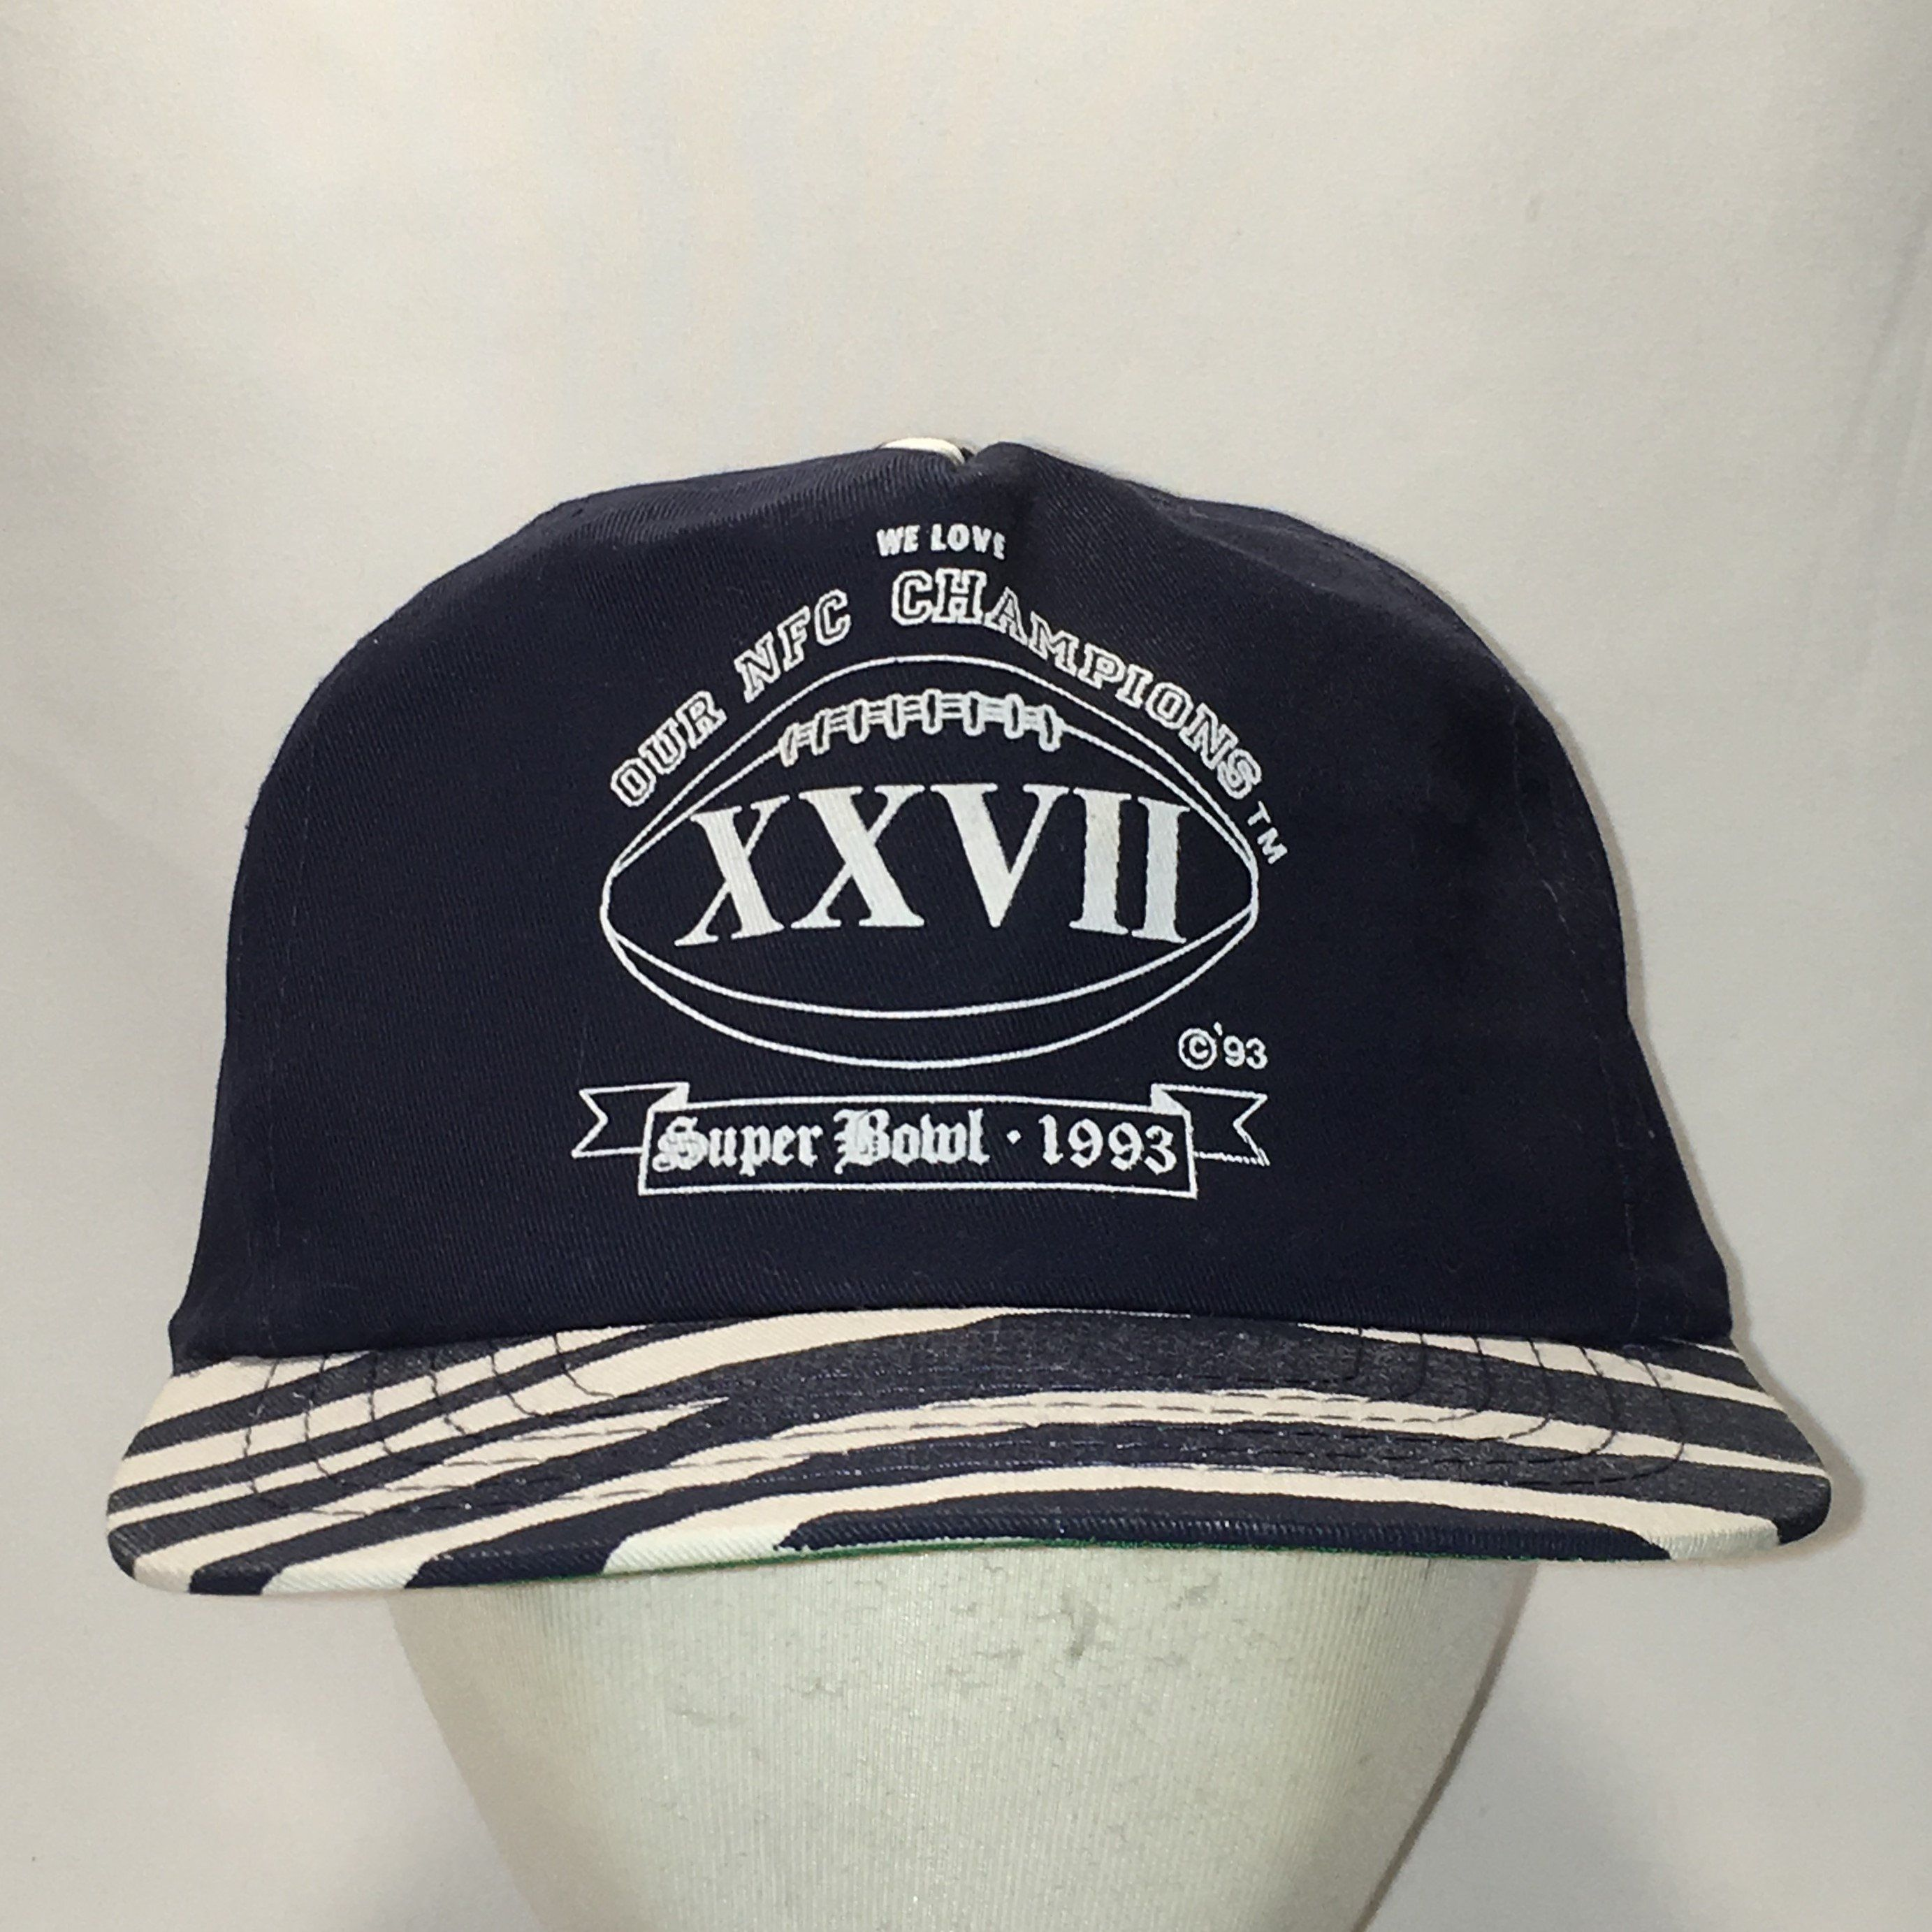 08918de6d7f Vintage Snapback Dallas Cowboys Baseball Cap NFL Football Dad Caps NFC  Super Bowl XXVII Champions Mens